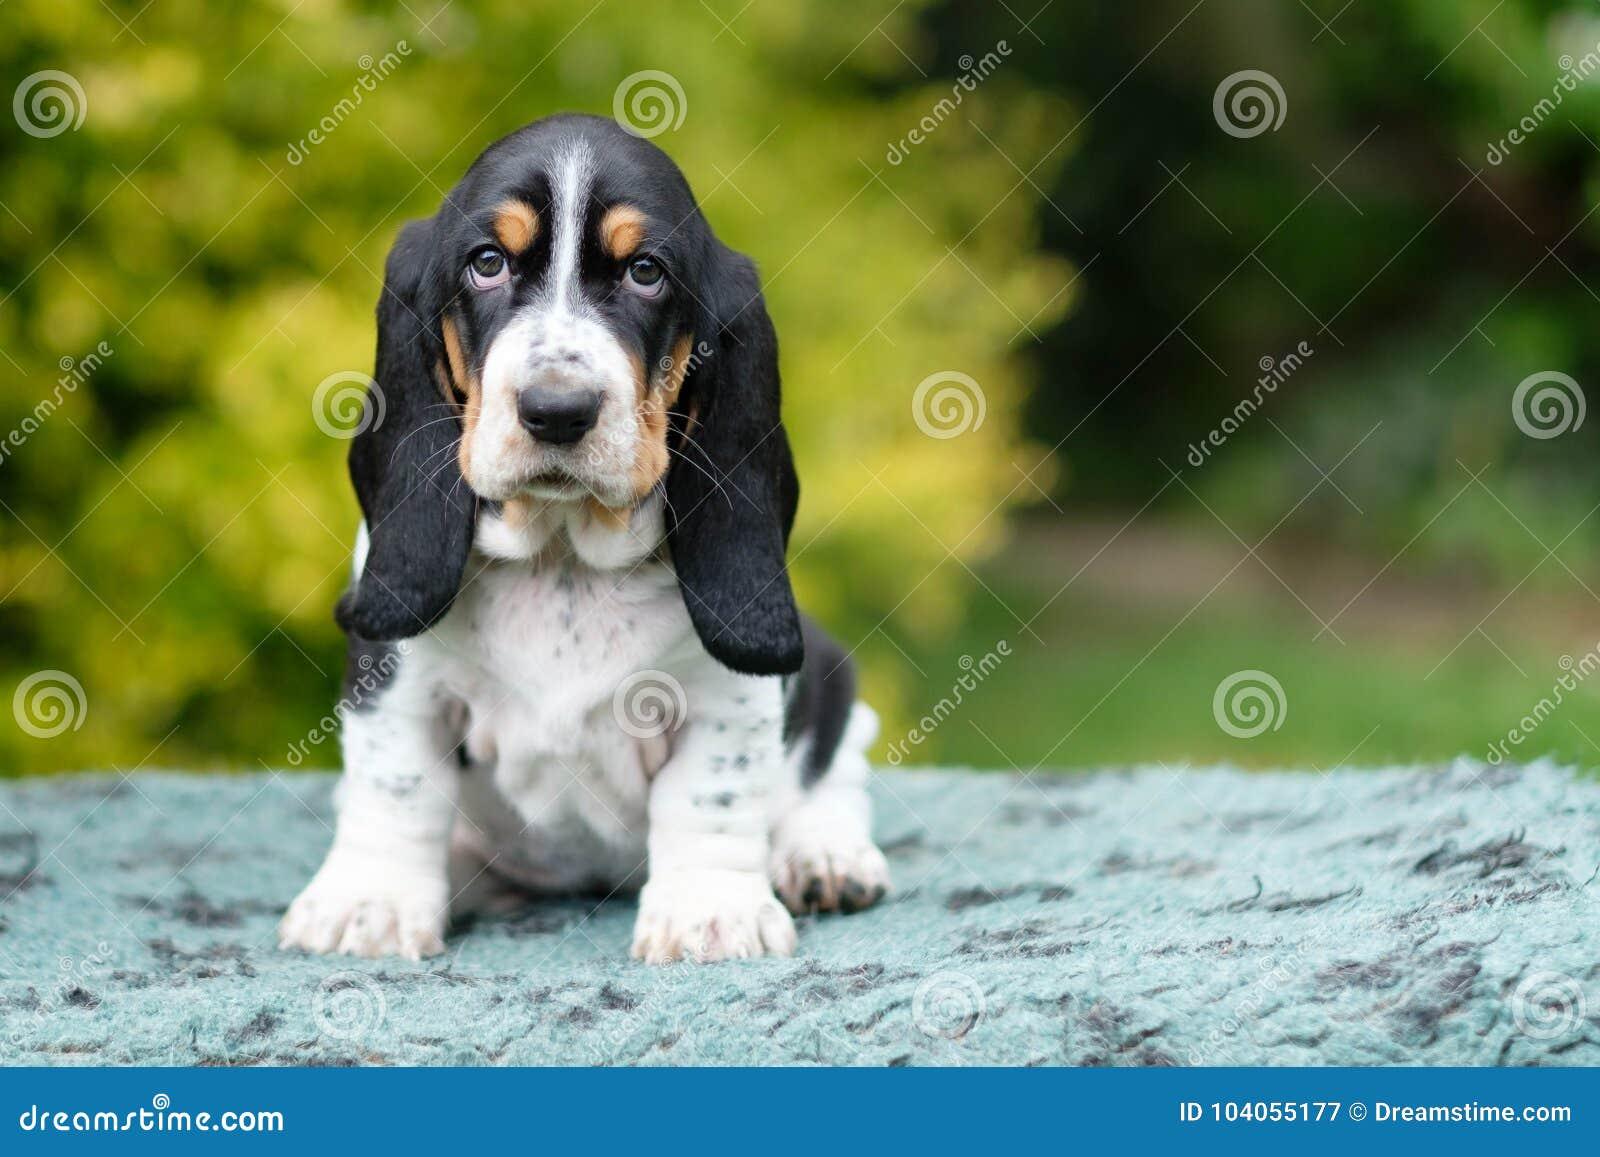 Het droevige jonge basset hondenpuppy kijkt net in de camera